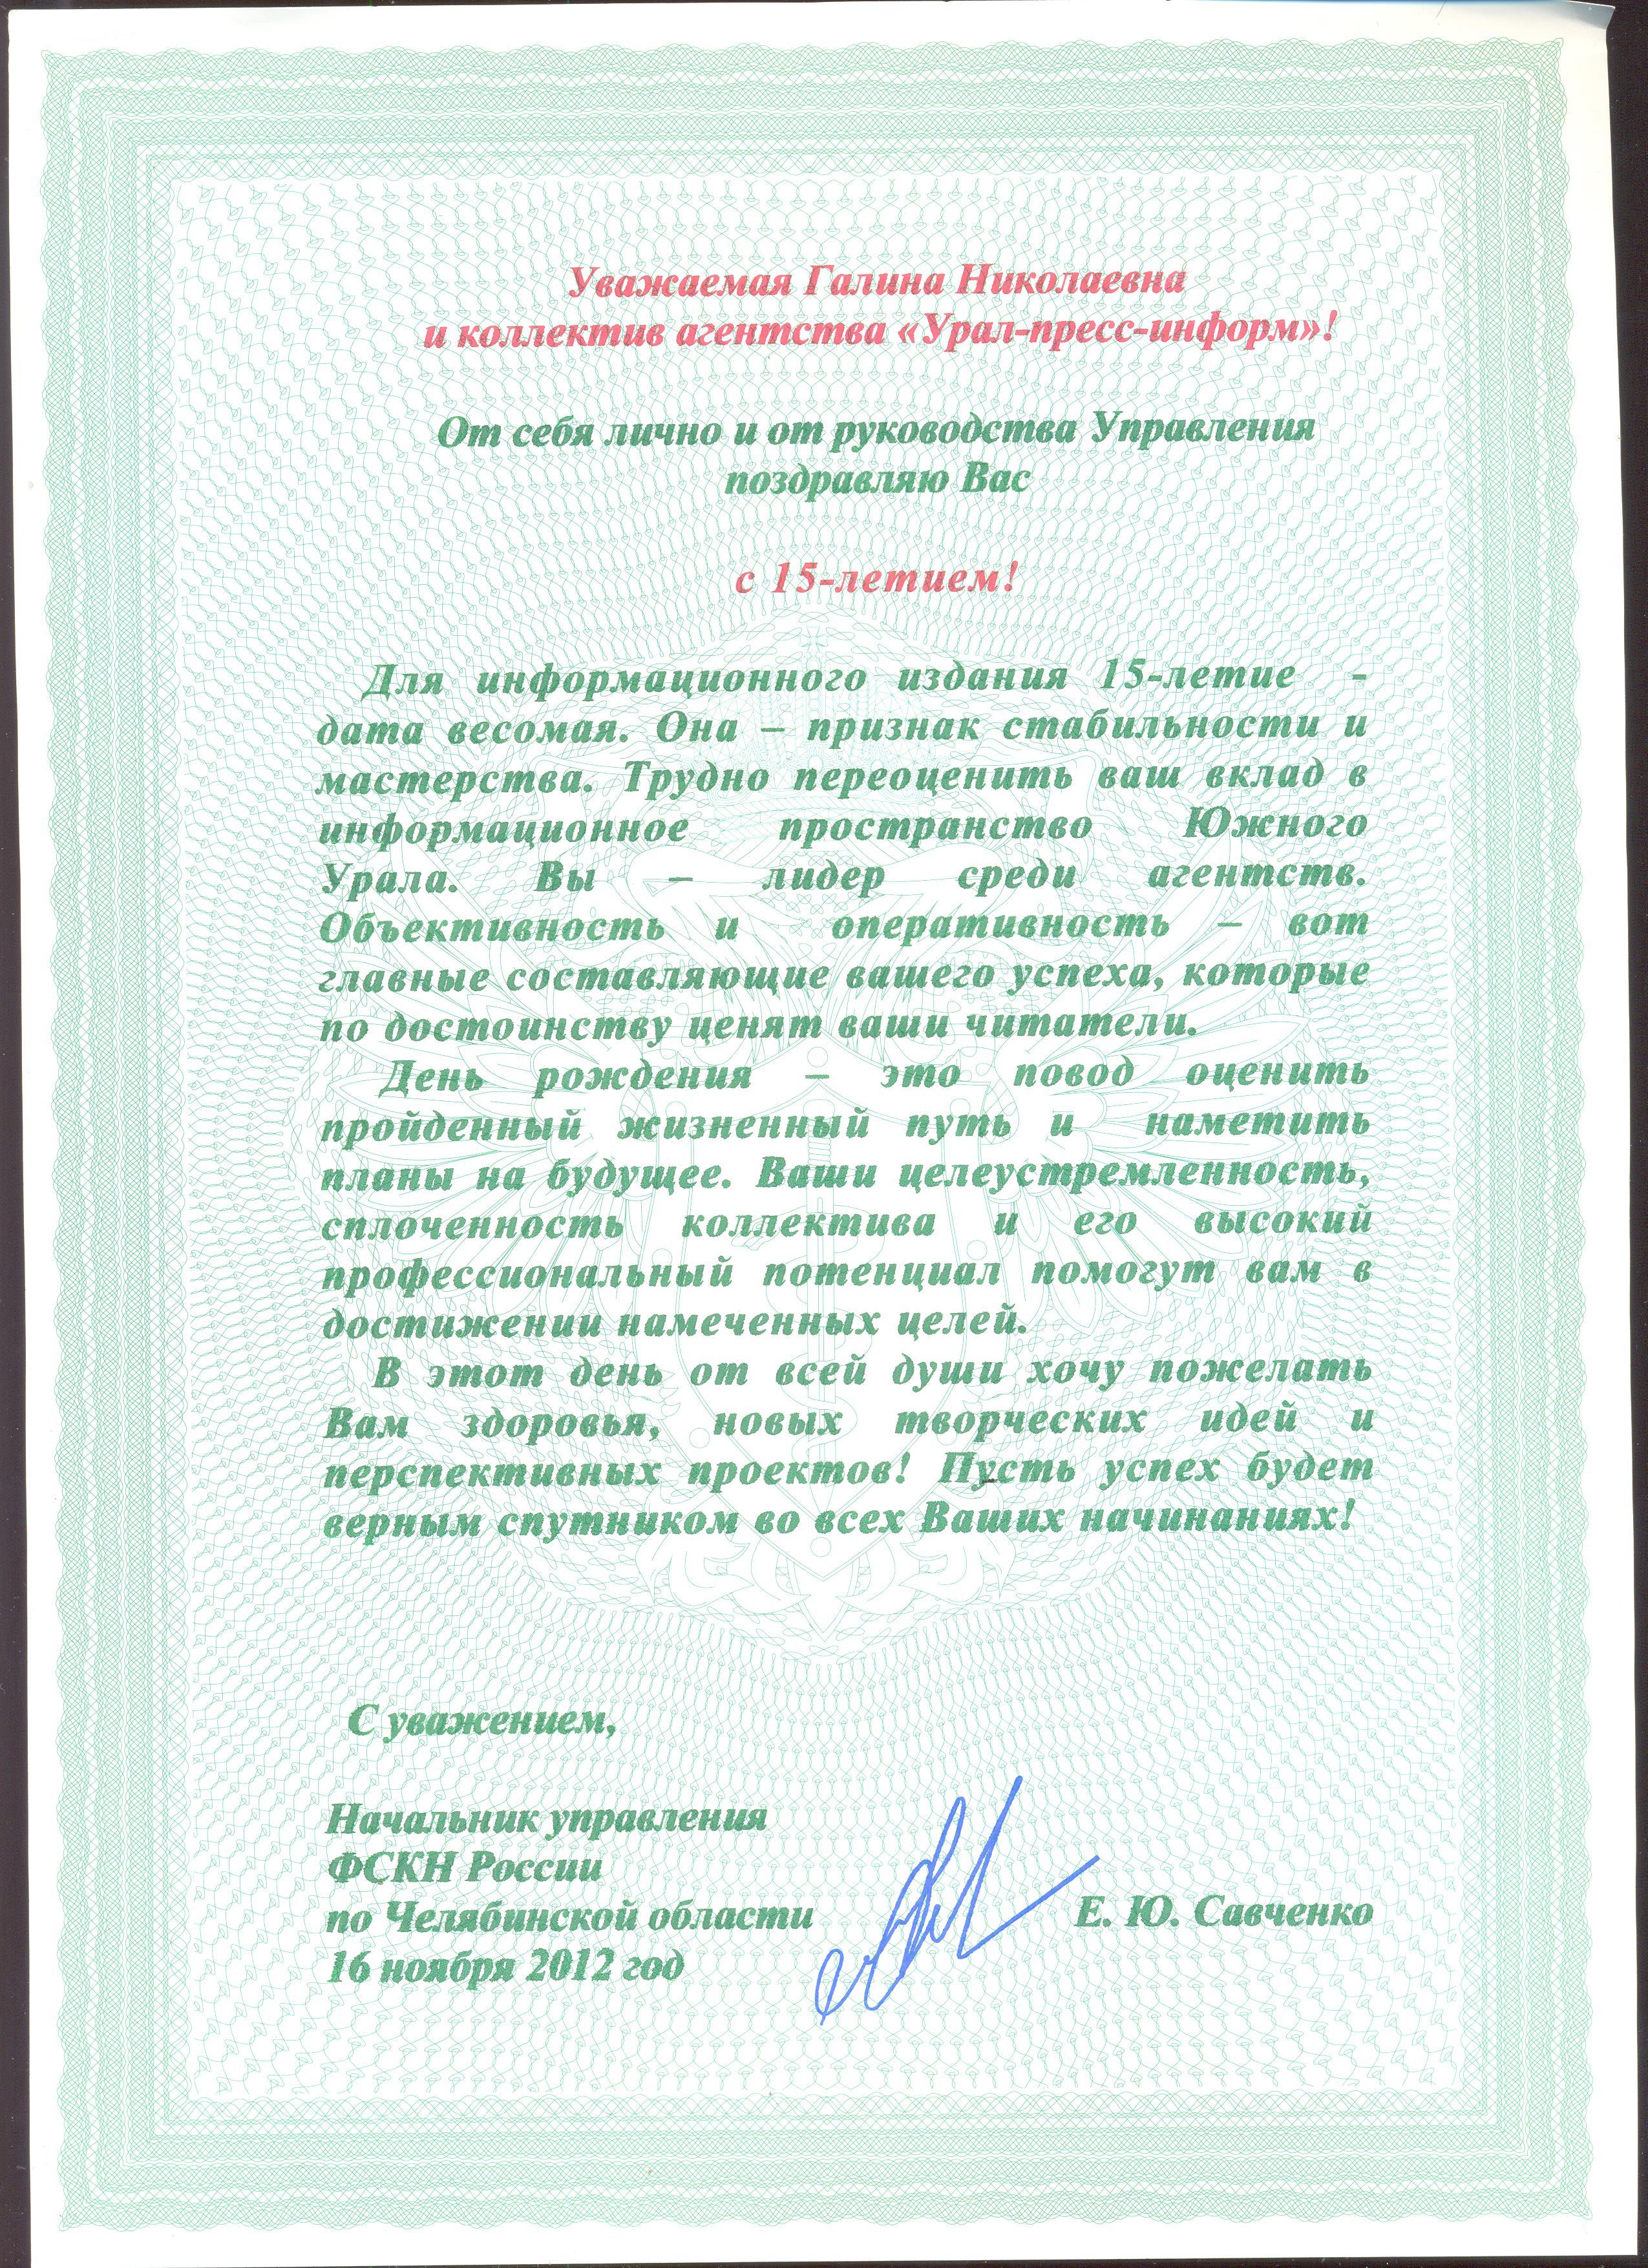 2012   Управление ФСКН России по Челябинской области